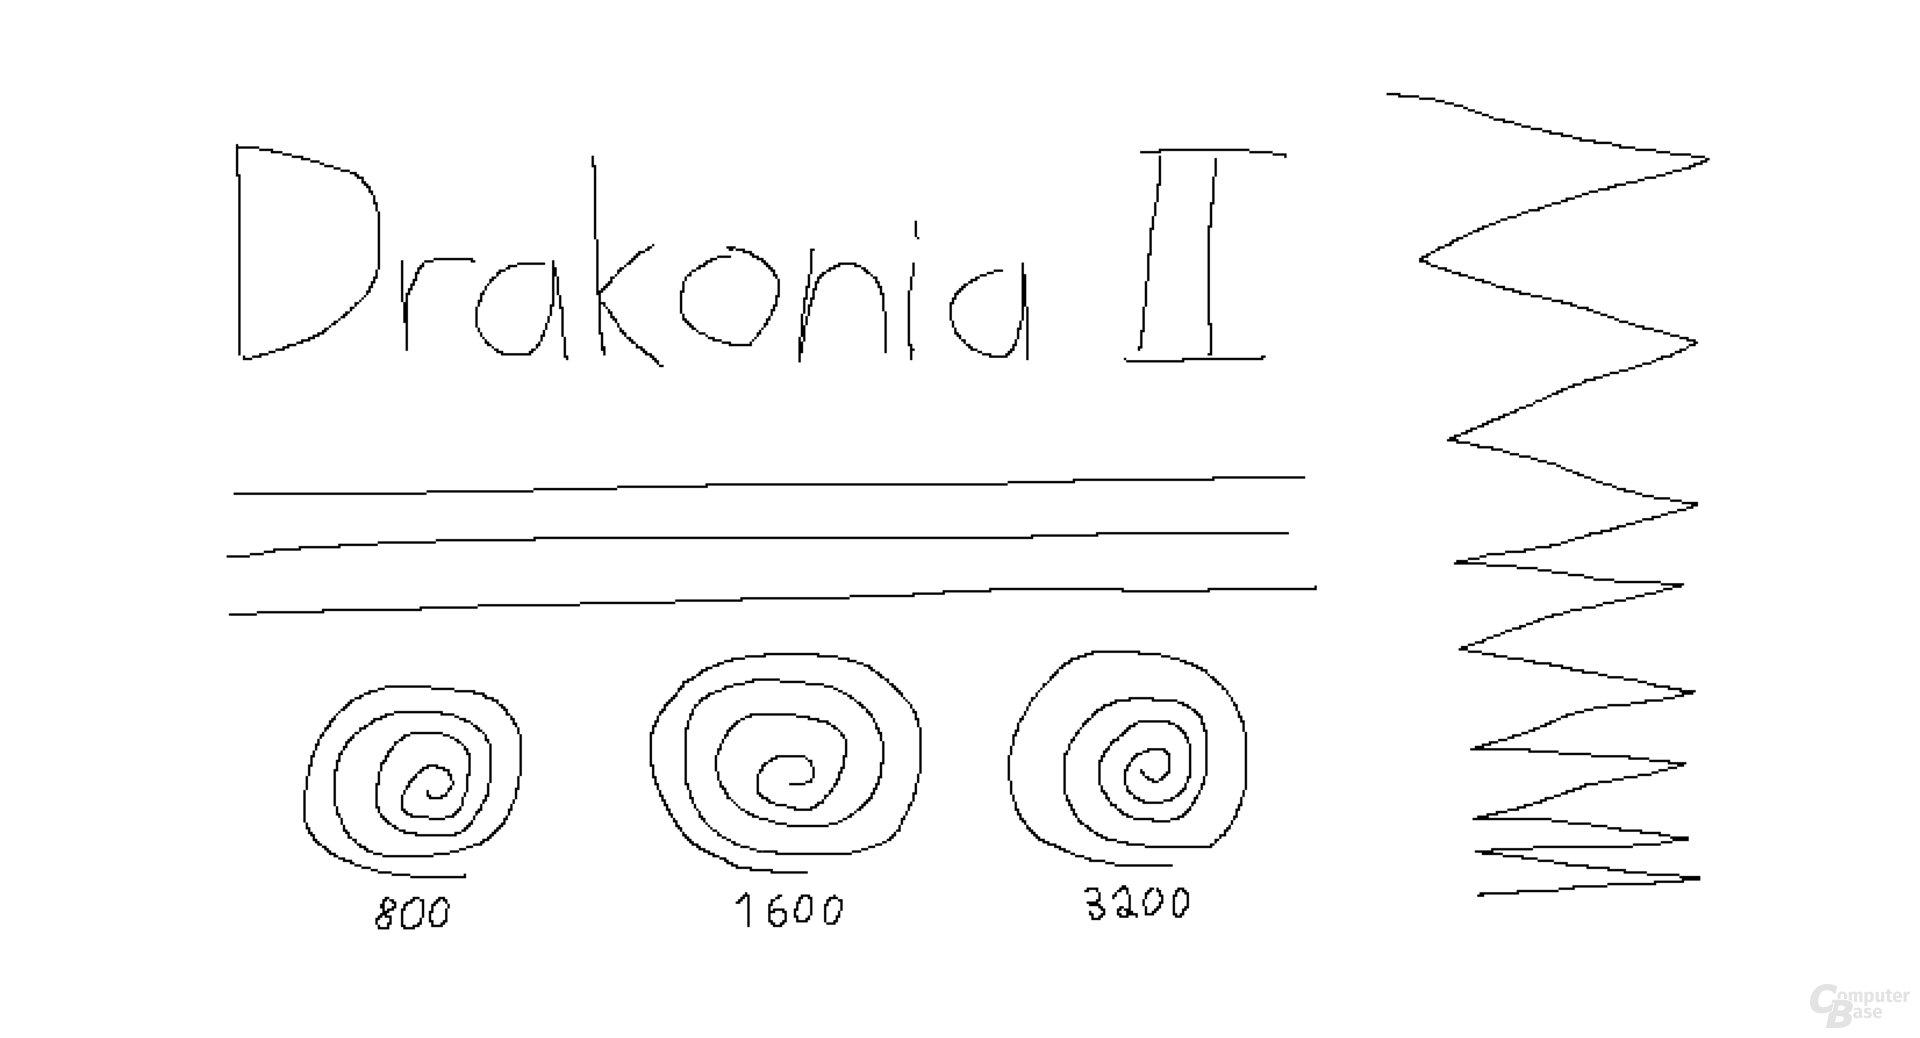 Sharkoon Drakonia II (1.000 Hz, Mikrofaseruntergrund)